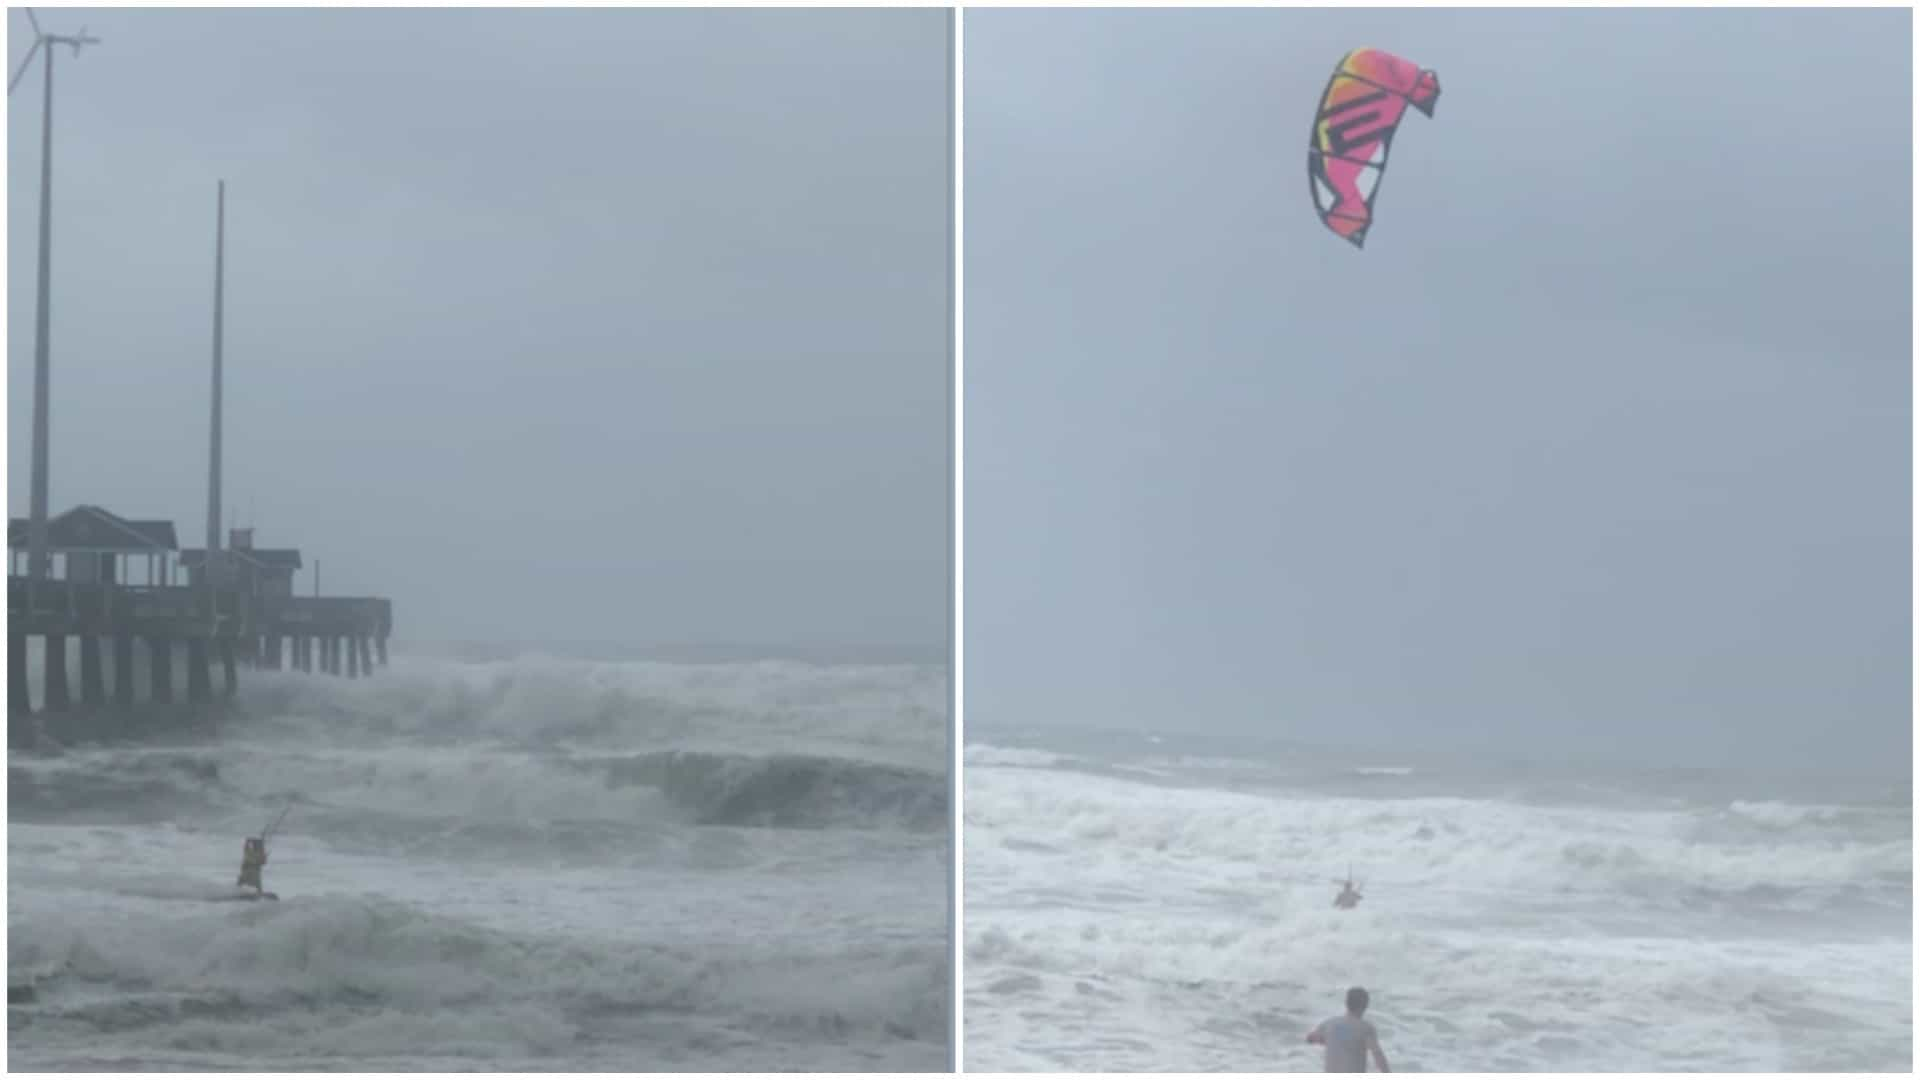 Homem usa vento de furacão para praticar kitesurf nos EUA